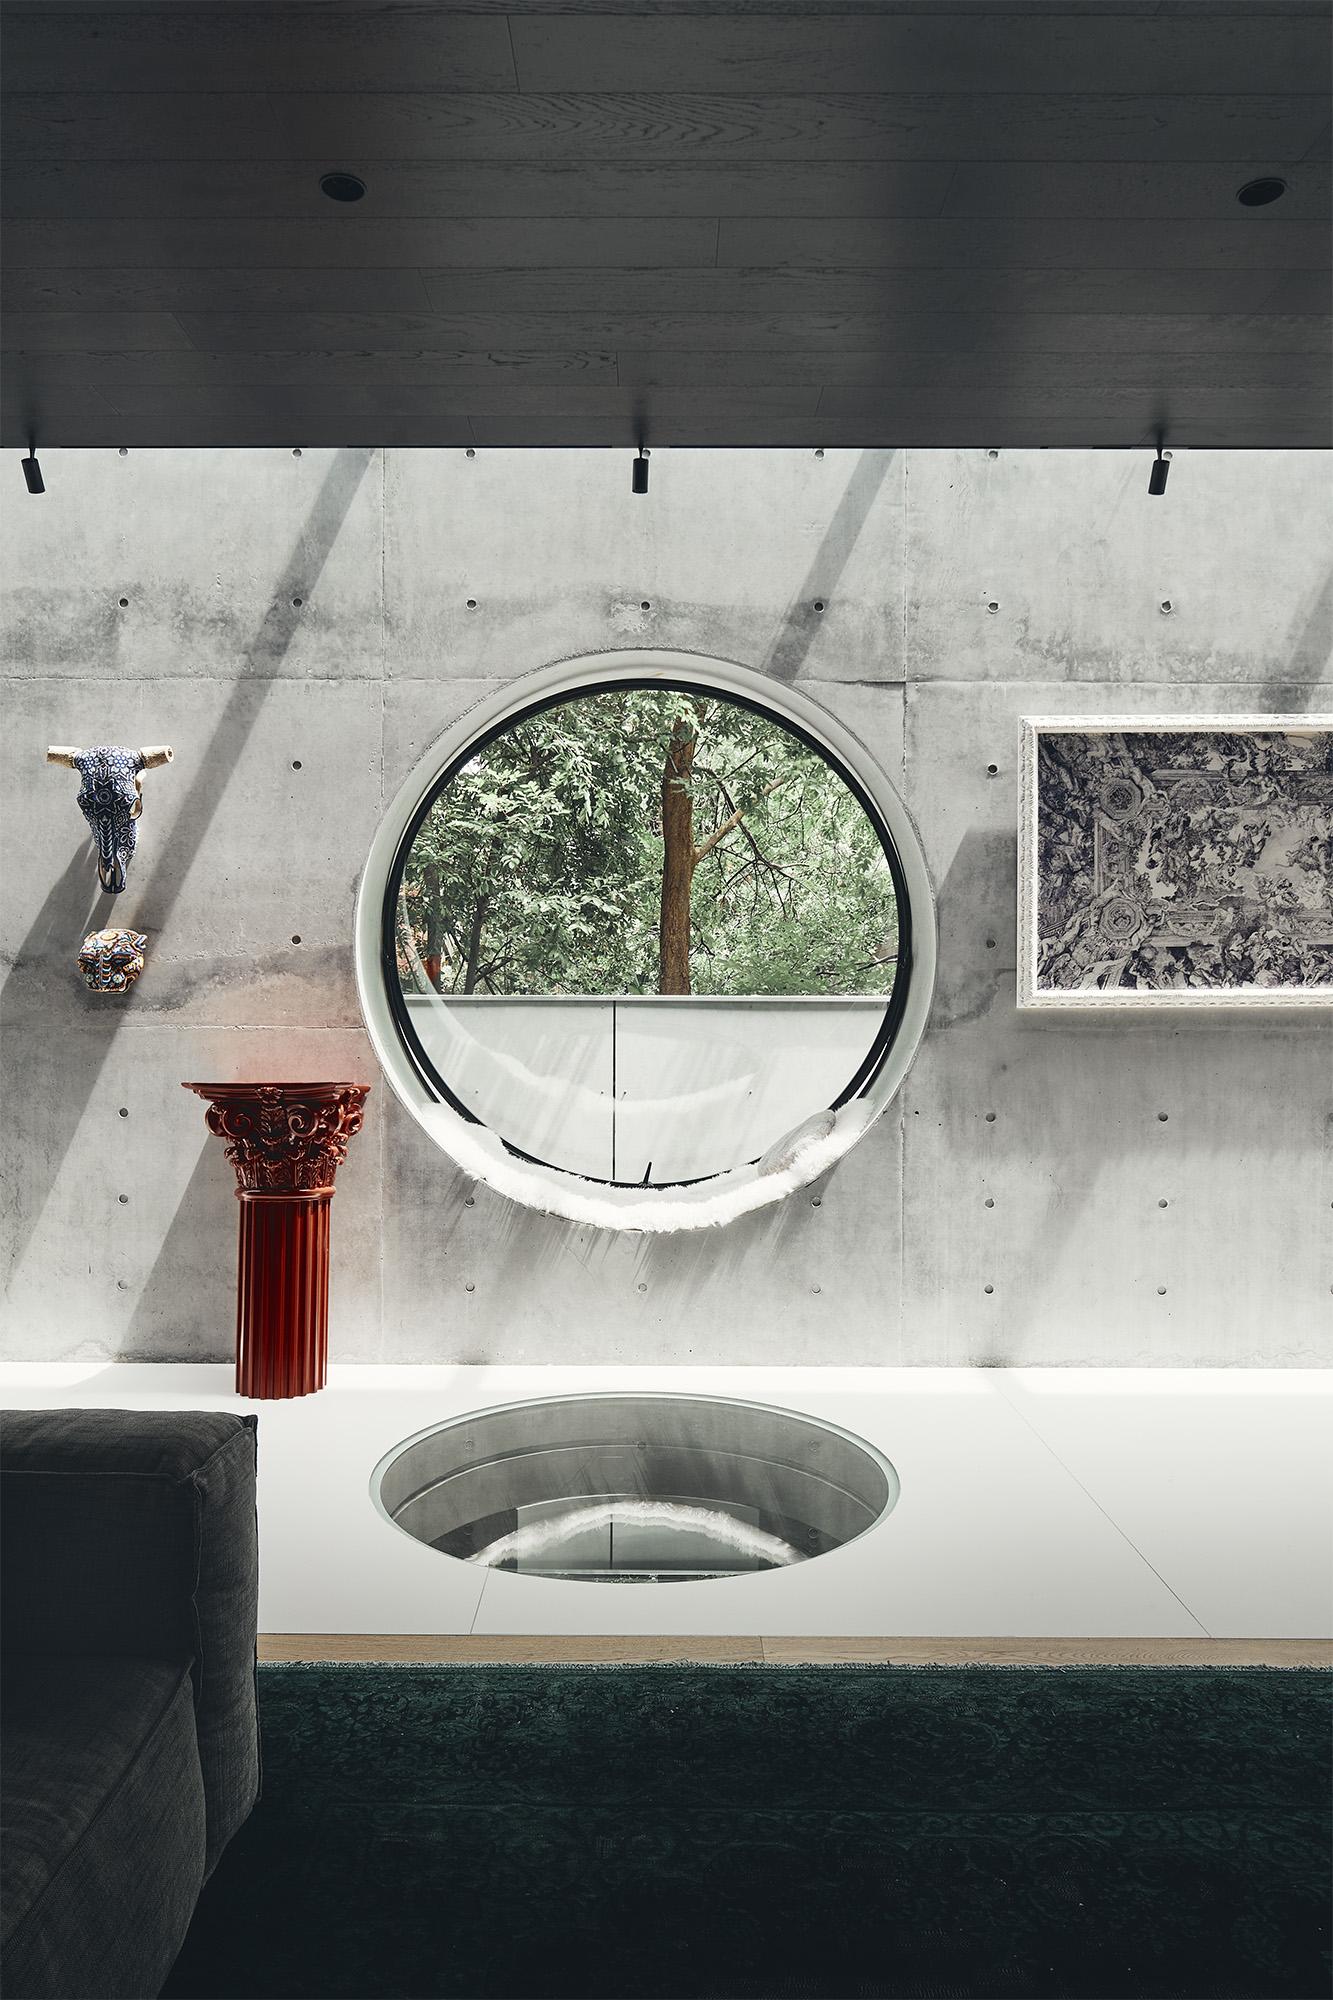 circular bathroom window